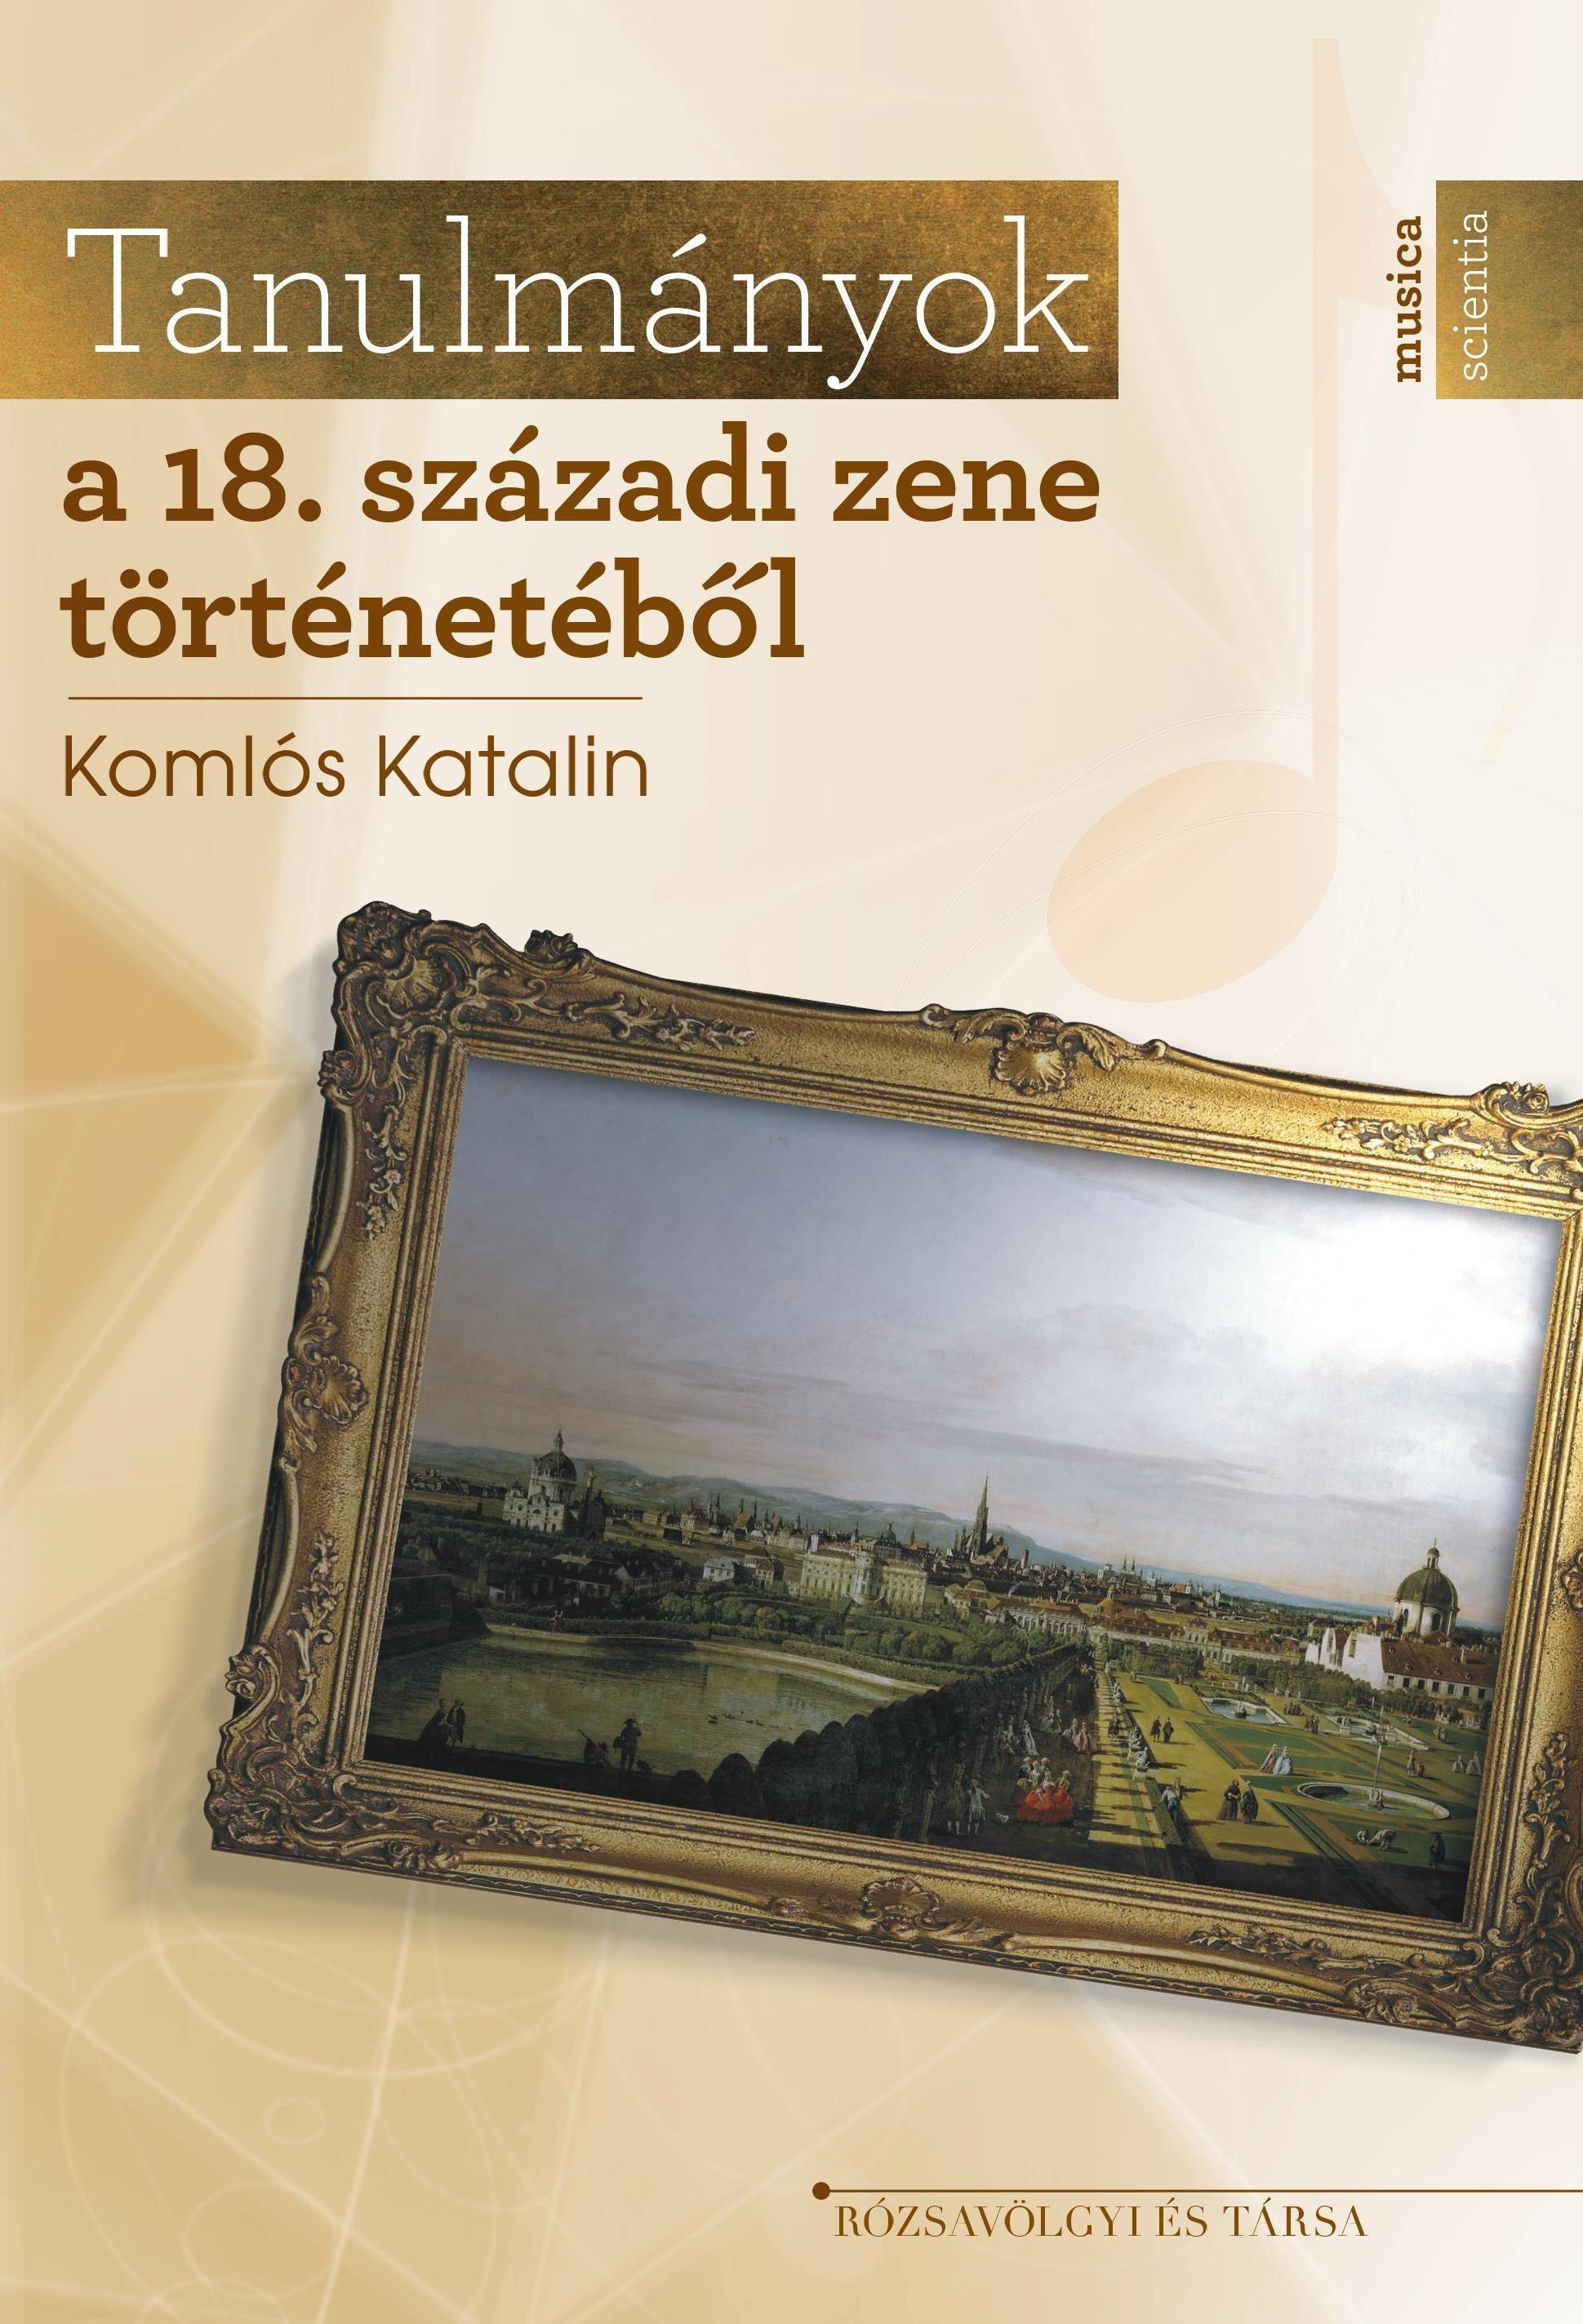 TANULMÁNYOK A 18. SZÁZADI ZENE TÖRTÉNETÉBŐL